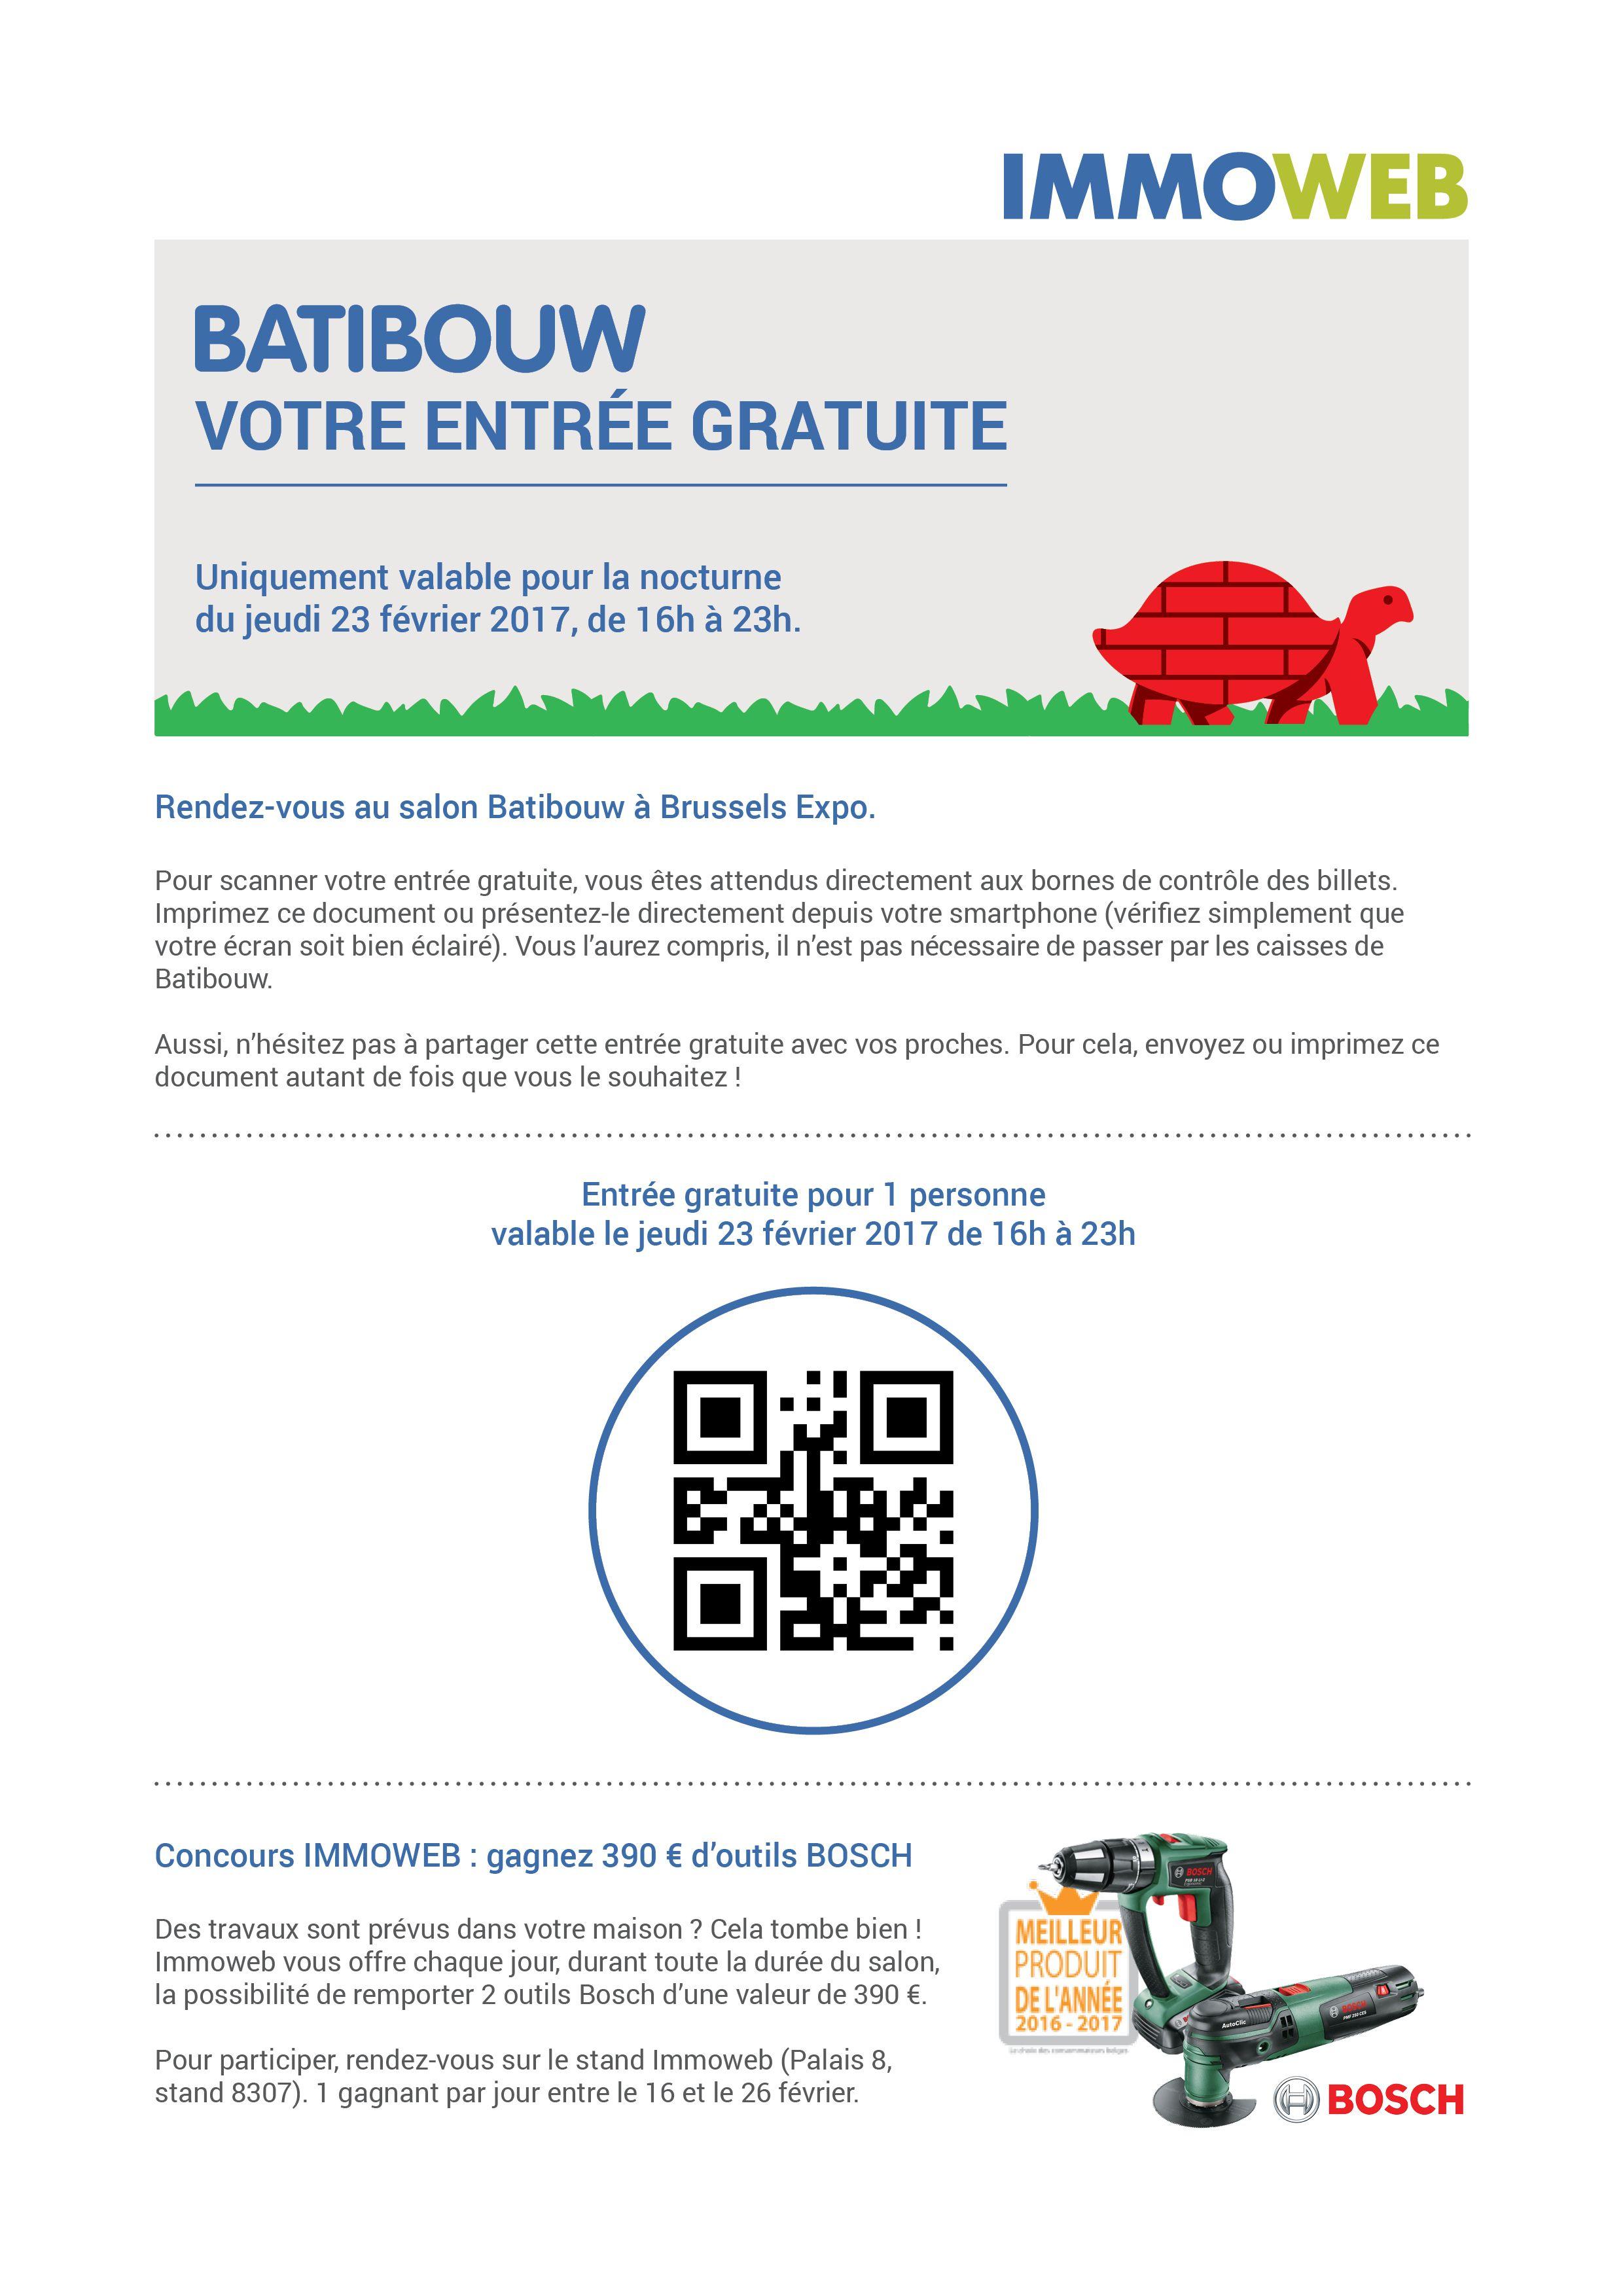 Epingle Par Vandenbussche Daniel Sur Isolation Entree Gratuite Document Et A Imprimer